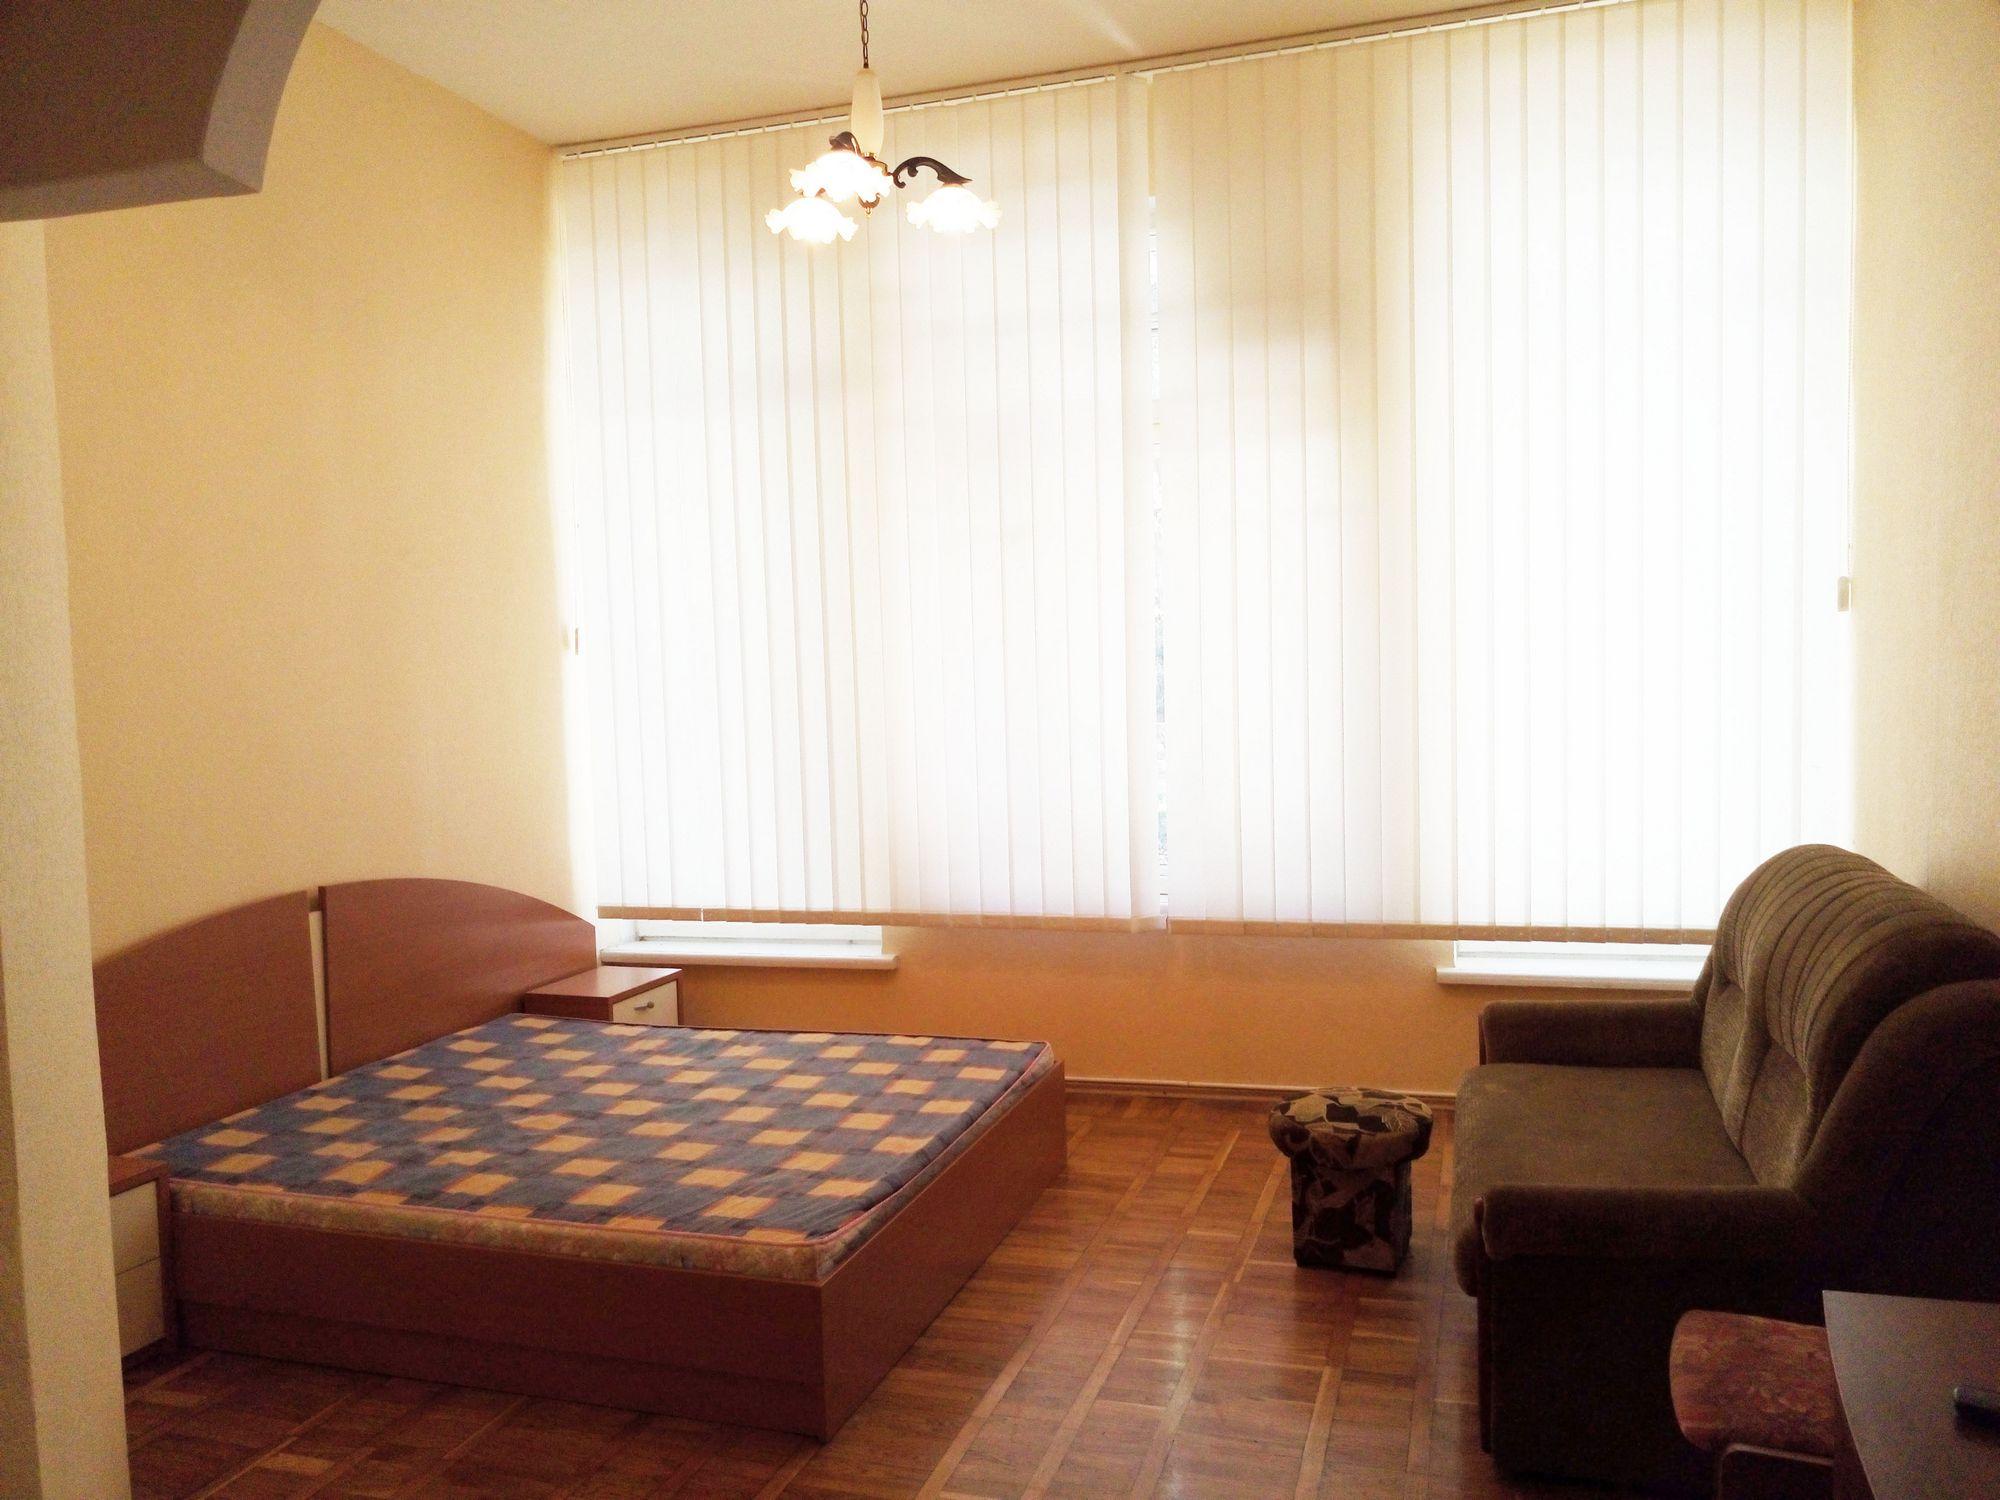 yalta-nomera-v-otele-v-parke-05-10